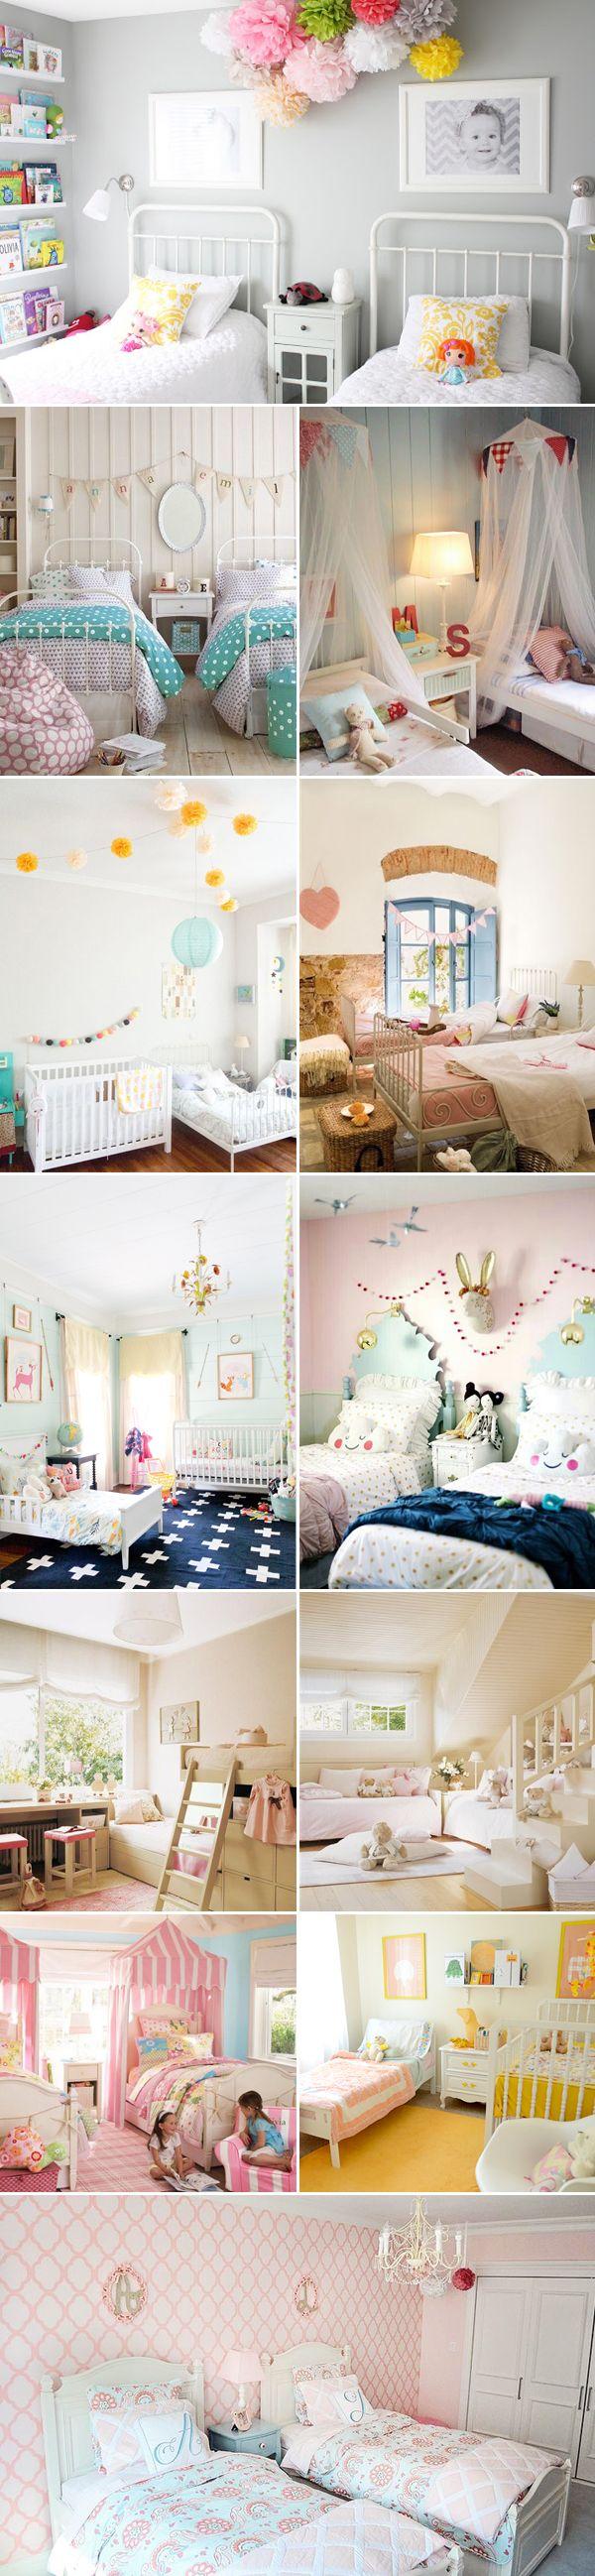 29 shared bedrooms ideas for children la habitaci n de for Gemeinsames kinderzimmer